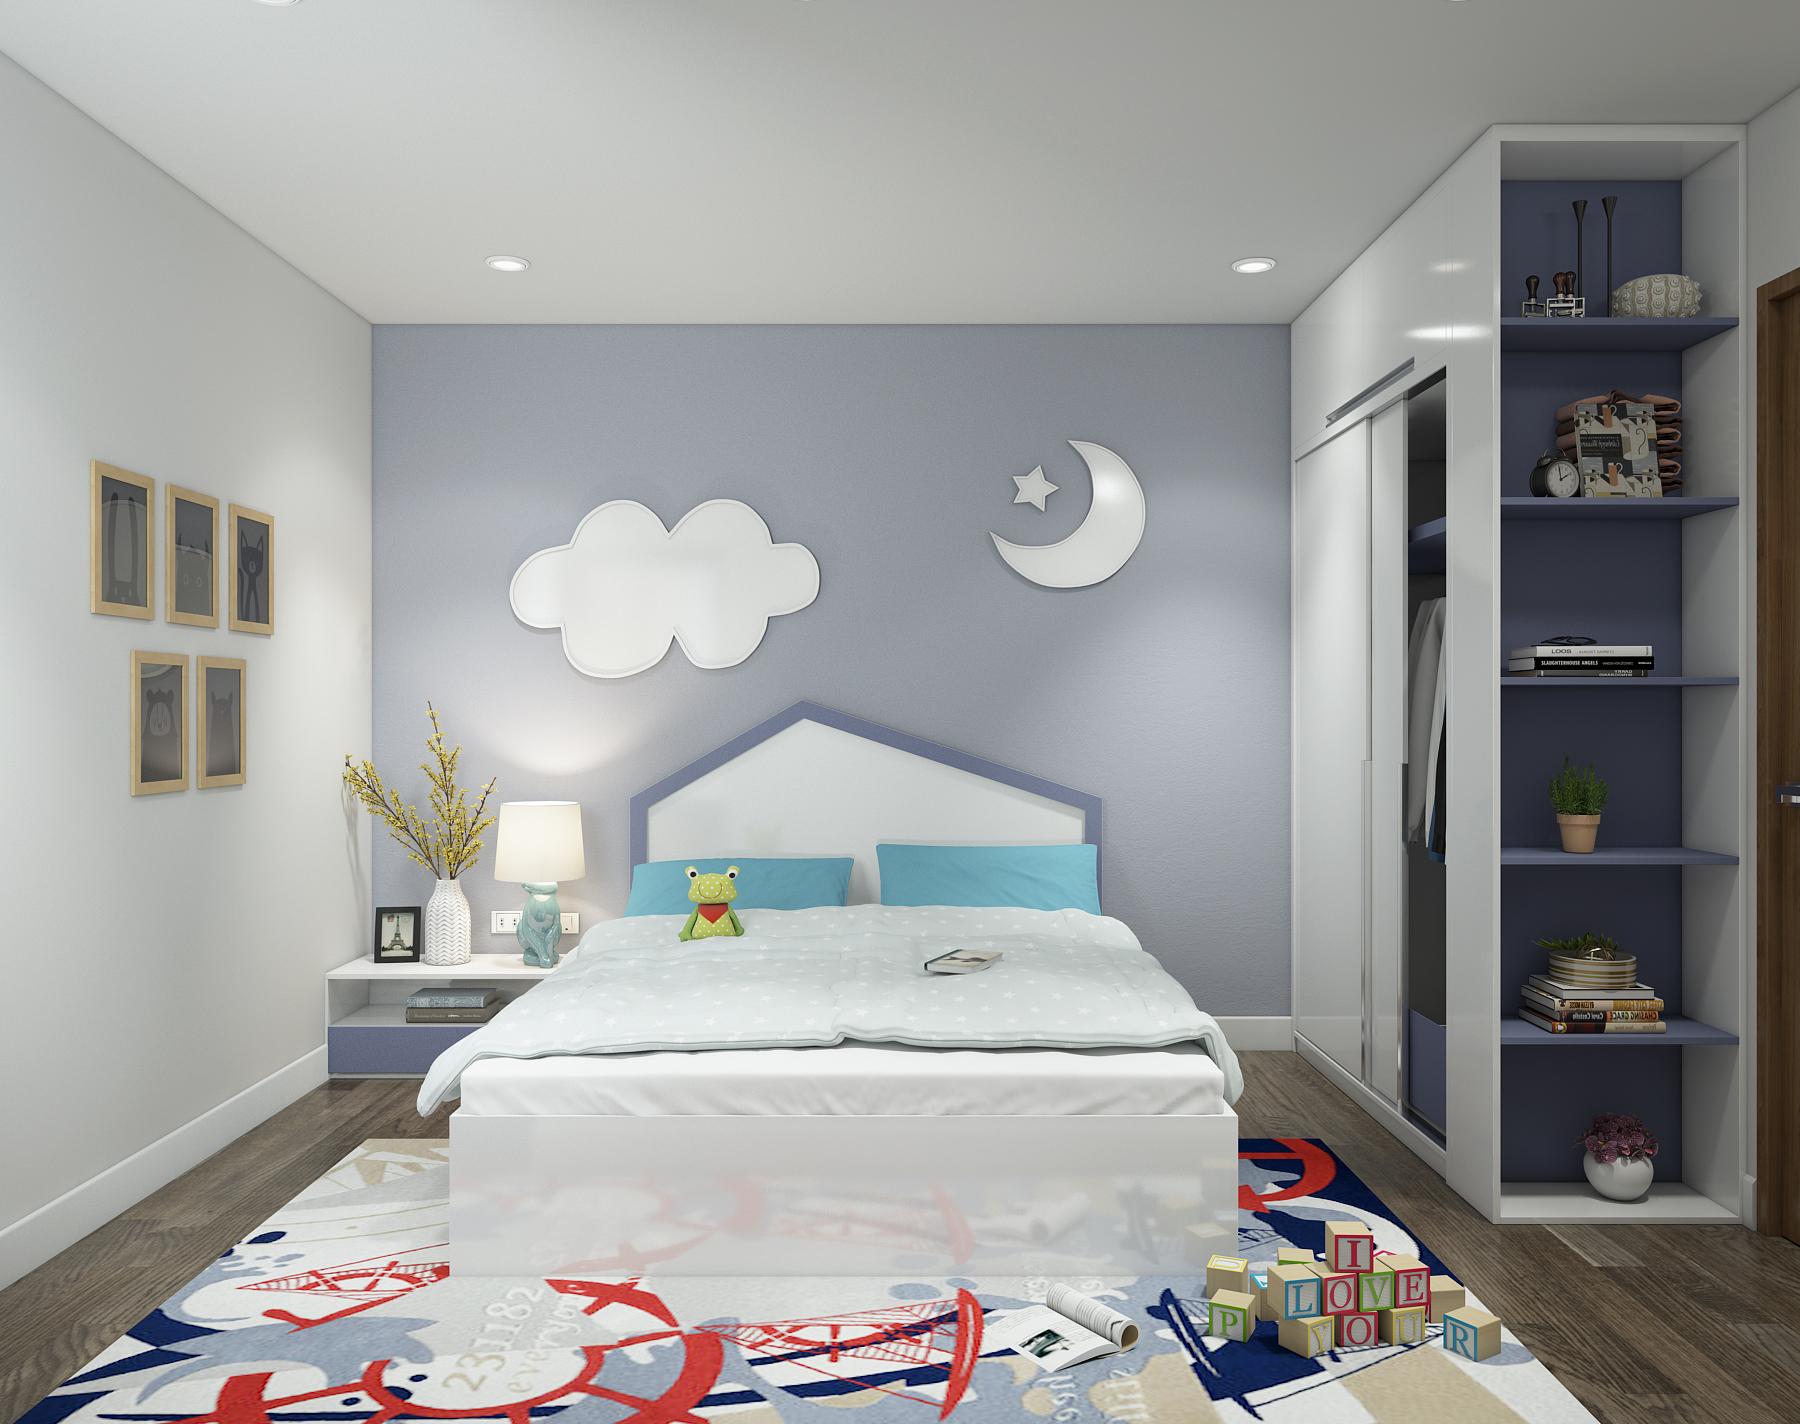 thiết kế nội thất chung cư tại Hà Nội Chung Cư An Bình City 14 1538039731